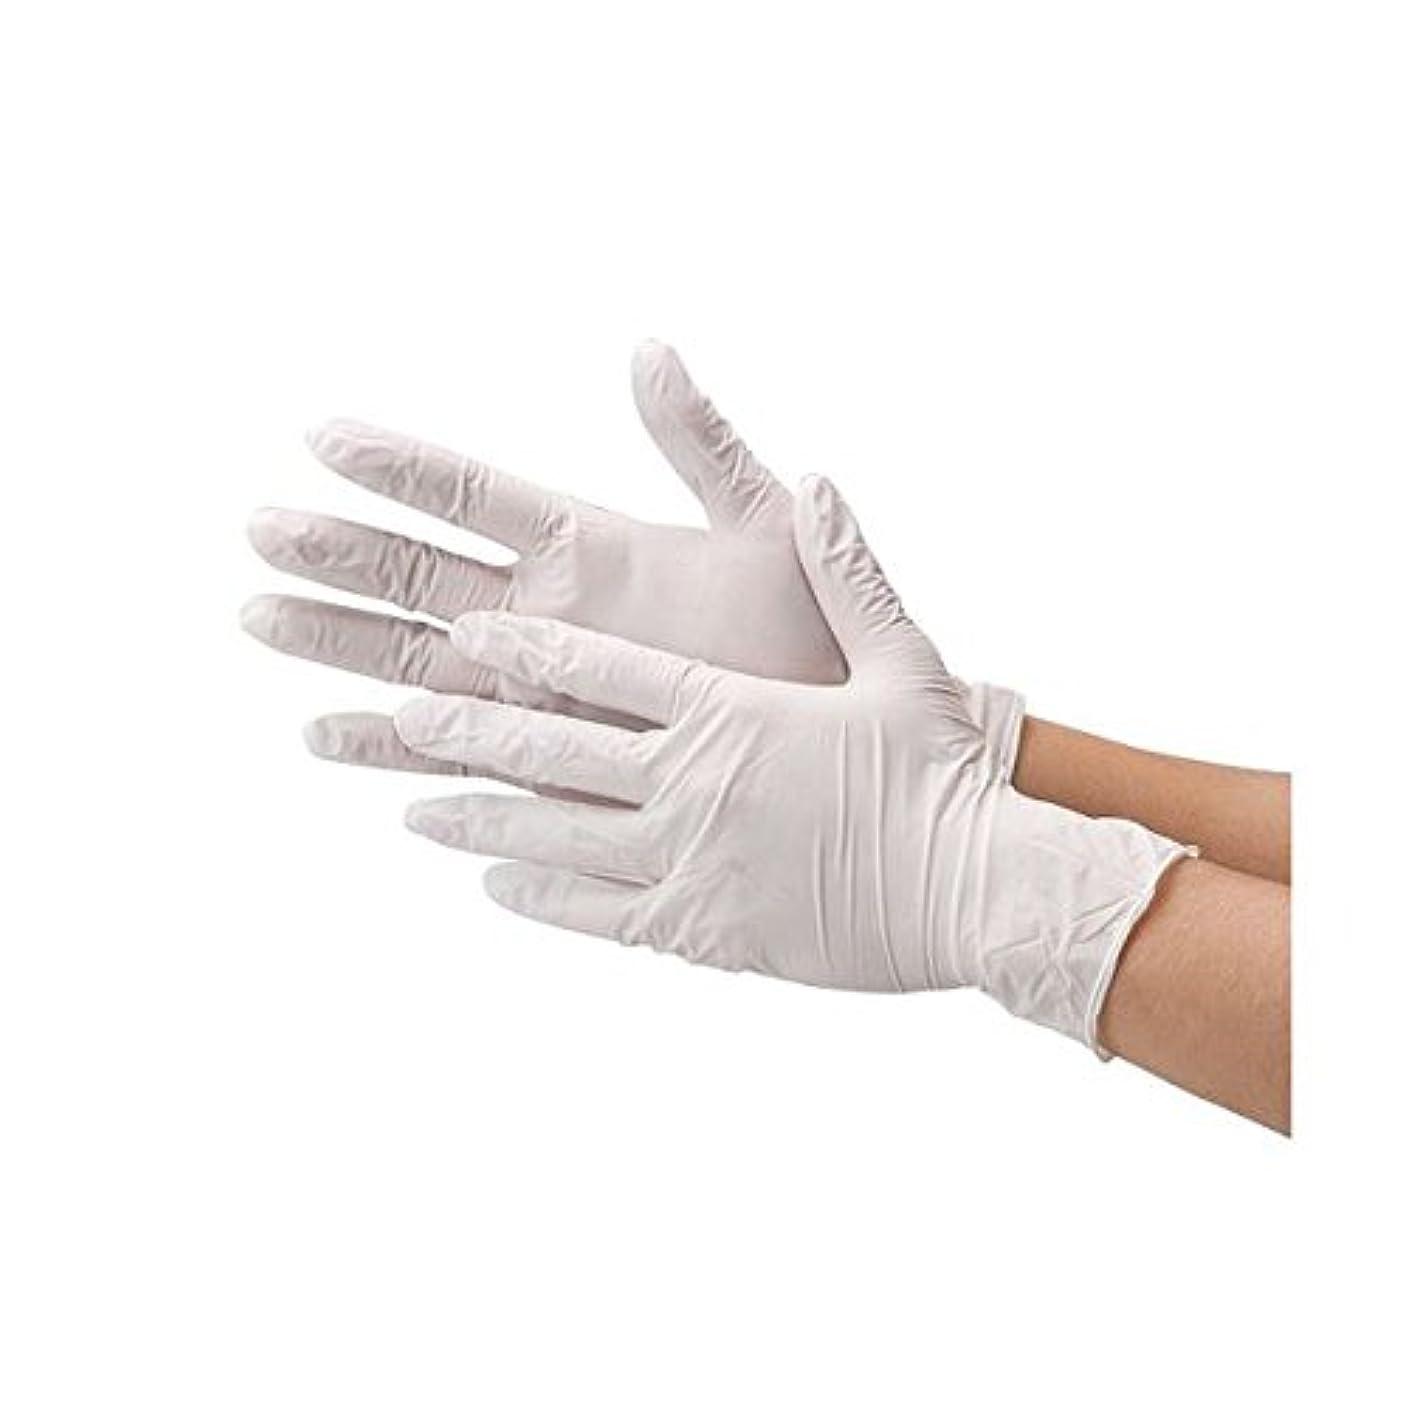 自慢中毒呼吸川西工業 ニトリル極薄手袋 粉なしホワイトS ダイエット 健康 衛生用品 その他の衛生用品 14067381 [並行輸入品]